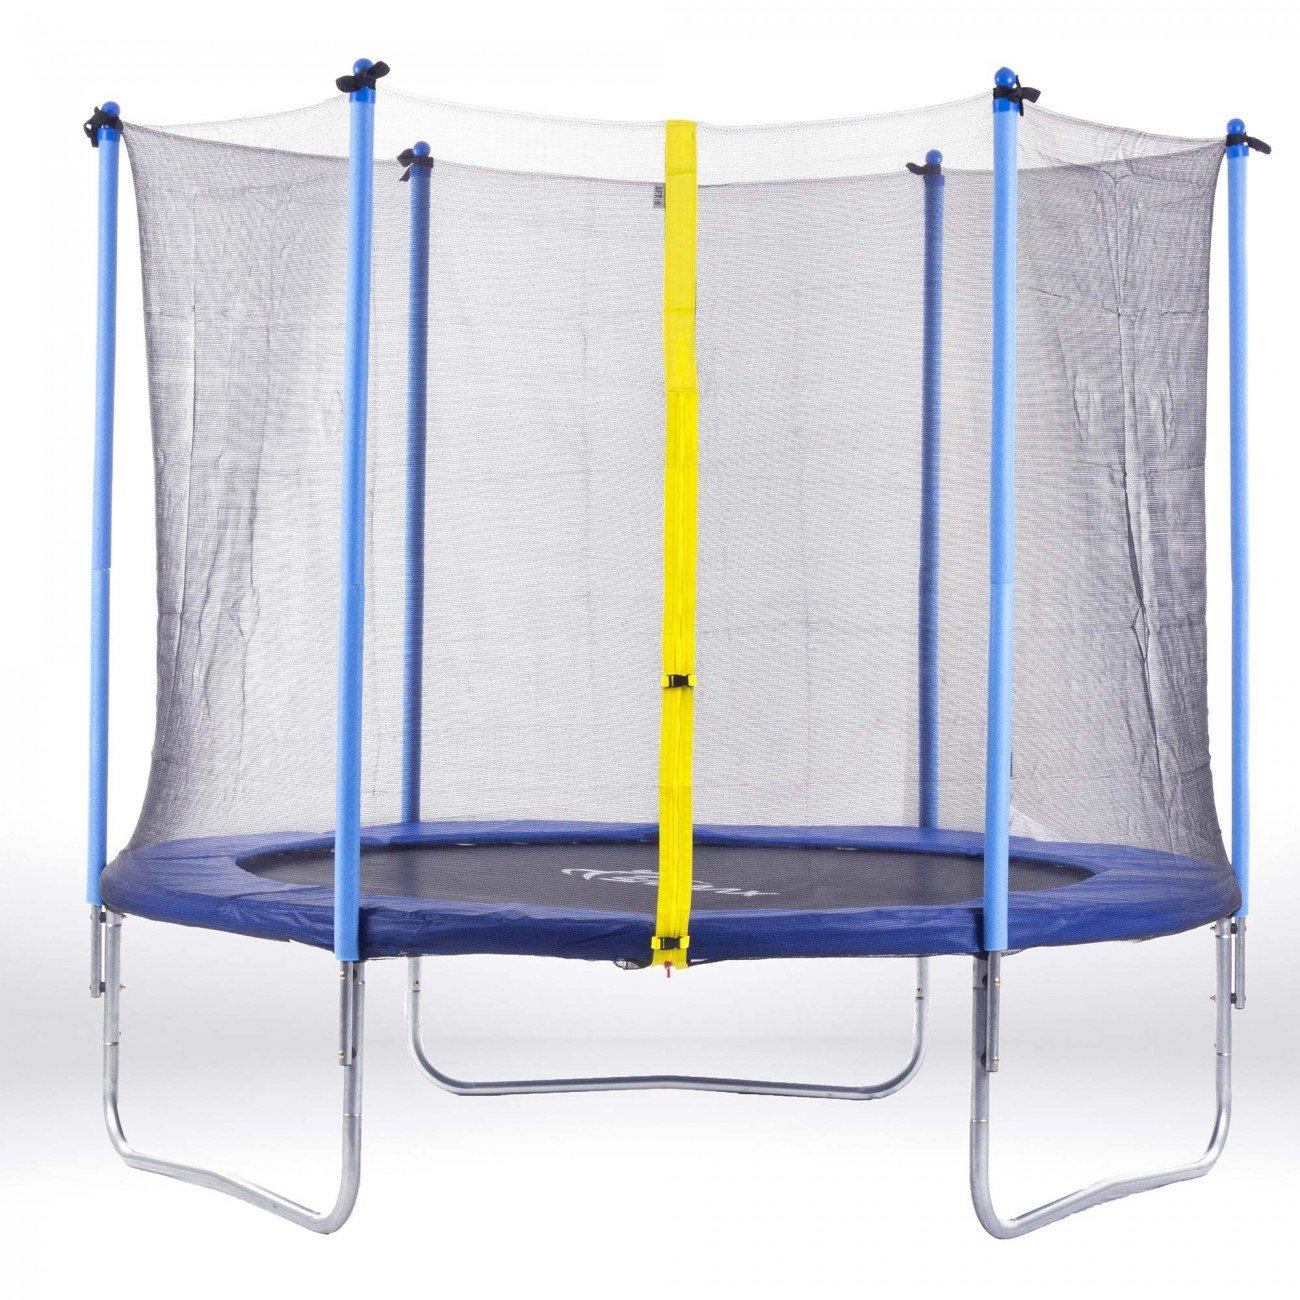 SAMAX Trampolin Gartentrampolin 4,27m (14 ft) Sicherheitsnetz blau